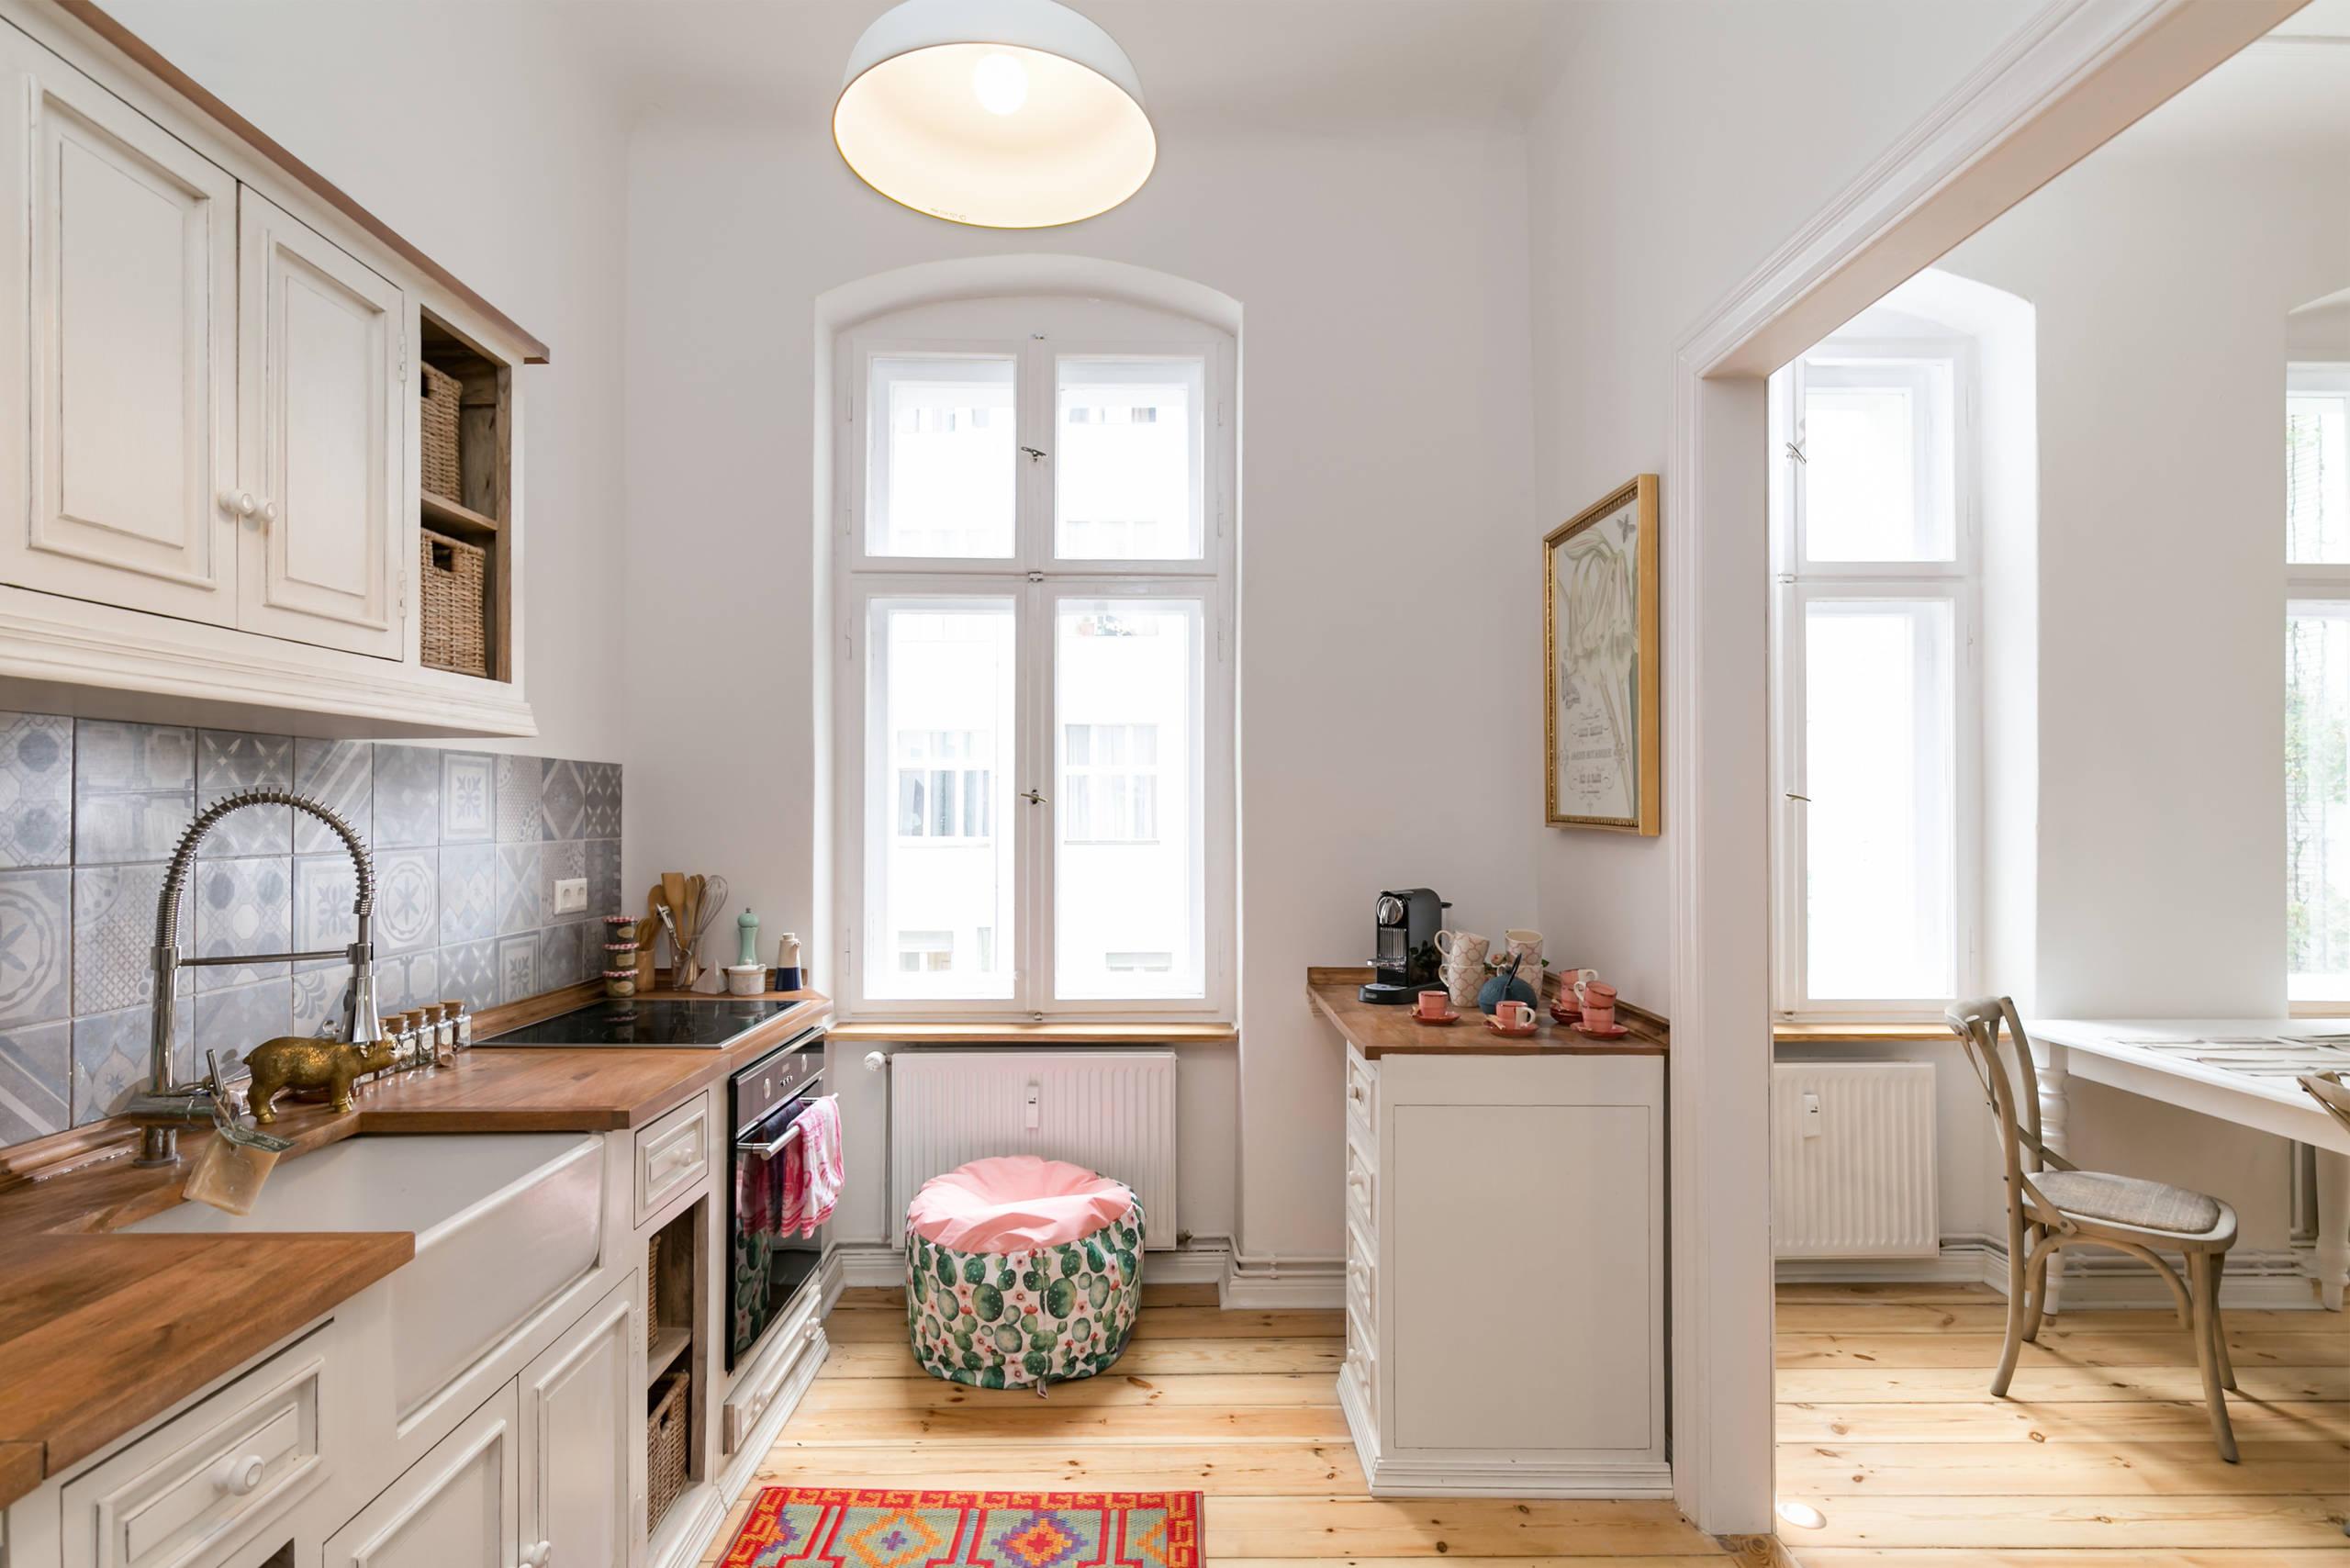 Full Size of Offene Kchen Ideen Bauhaus Fenster Wohnzimmer Bauhaus Küchenrückwand